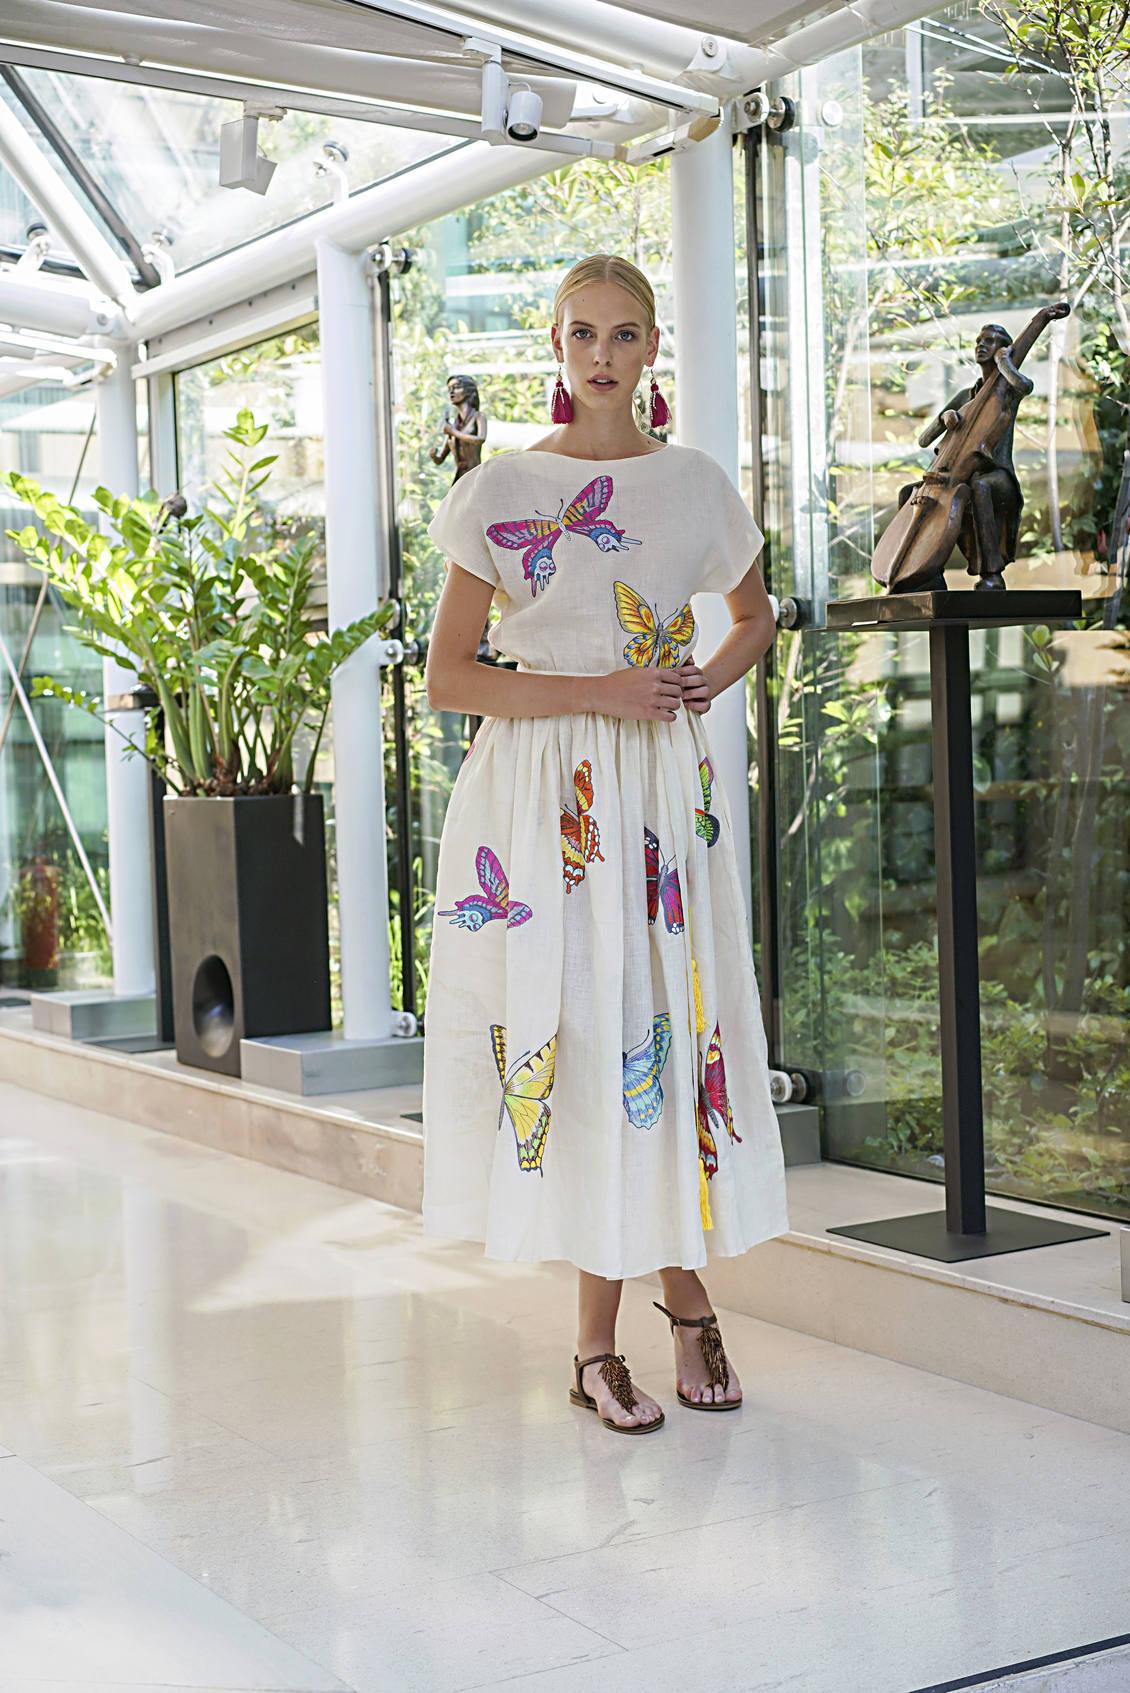 Luxuszeitschrift, nachhaltige Luxuszeitschrift, nachhaltige Modezeitschrift, nachhaltige Mode Blogger, beste nachhaltige Modezeitschrift, Luxus ethische Mode Online-Händler, Handwerk, Naturfasern, Recycling, Bio-Seide, Hanf, regenerierte Faser, umweltfreundlich, Garn aus Plastikflaschen, luxuriös, Öko-Luxus, Luxus-Magazin, zertifizierte Bio-Baumwolle, Nachhaltigkeit, kaufen nachhaltige Mode Deutschland, nachhaltige Mode Deutschland, nachhaltige Mode-Anbieter, nachhaltige Accessoires, nachhaltige Modedesigner, nachhaltige Modemarken, nachhaltige Mode Blog, nachhaltige Modeartikel, nachhaltige Modedesigner, nachhaltige Mode Kleidung, nachhaltige Mode kaufen, nachhaltige Modezeitschrift Deutschland, Mode in Deutschland, Streetstyle, Streetstyle Fashion Editorial, Fashion Editorial, nachhaltige Mode Streetstyle, nachhaltige Fashion Editorial, nachhaltige Streetstyle, Eco Fashion, ethische Mode, langsame Mode, grüne Mode, Stil, Lebensgefühl le, nachhaltige mode marken europa, ethische marken, ethische kleidung europa, ethische kleidung marken uk, ethische kleidung, mammisi, avasan, sylvia calvo, anuscas familie, maldita maria, root sonnenbrille, camila samt, gewidmet marke, kimono, uhr, schal, Made in Spanien, Luxusmode in España, Madrid, nachhaltige Mode aus Spanien, Fanm Mon, sustainable fashion, luxiders, luxiders magazine, mochni, the good trade, deluxe magazine, sustainable luxury magazine, sustainable fashion magazine,sustainable fashion blogger,best sustainable fashion magazine,luxury ethical fashion online retailer, craftsmanship,natural fibers, recycling,organic silk, hemp, regenerated fibet, eco-friendly,yarn from plastic bottles, luxurious, eco luxury, luxury magazine, certified organic cotton, sustainability, buy sustainable fashion germany, sustainable fashion germany,sustainable fashion suppliers, sustainable accessories, sustainable fashion designer, sustainable fashion brands, sustainable fashion blog,sustainable fashion articles, sustainable fashion desi